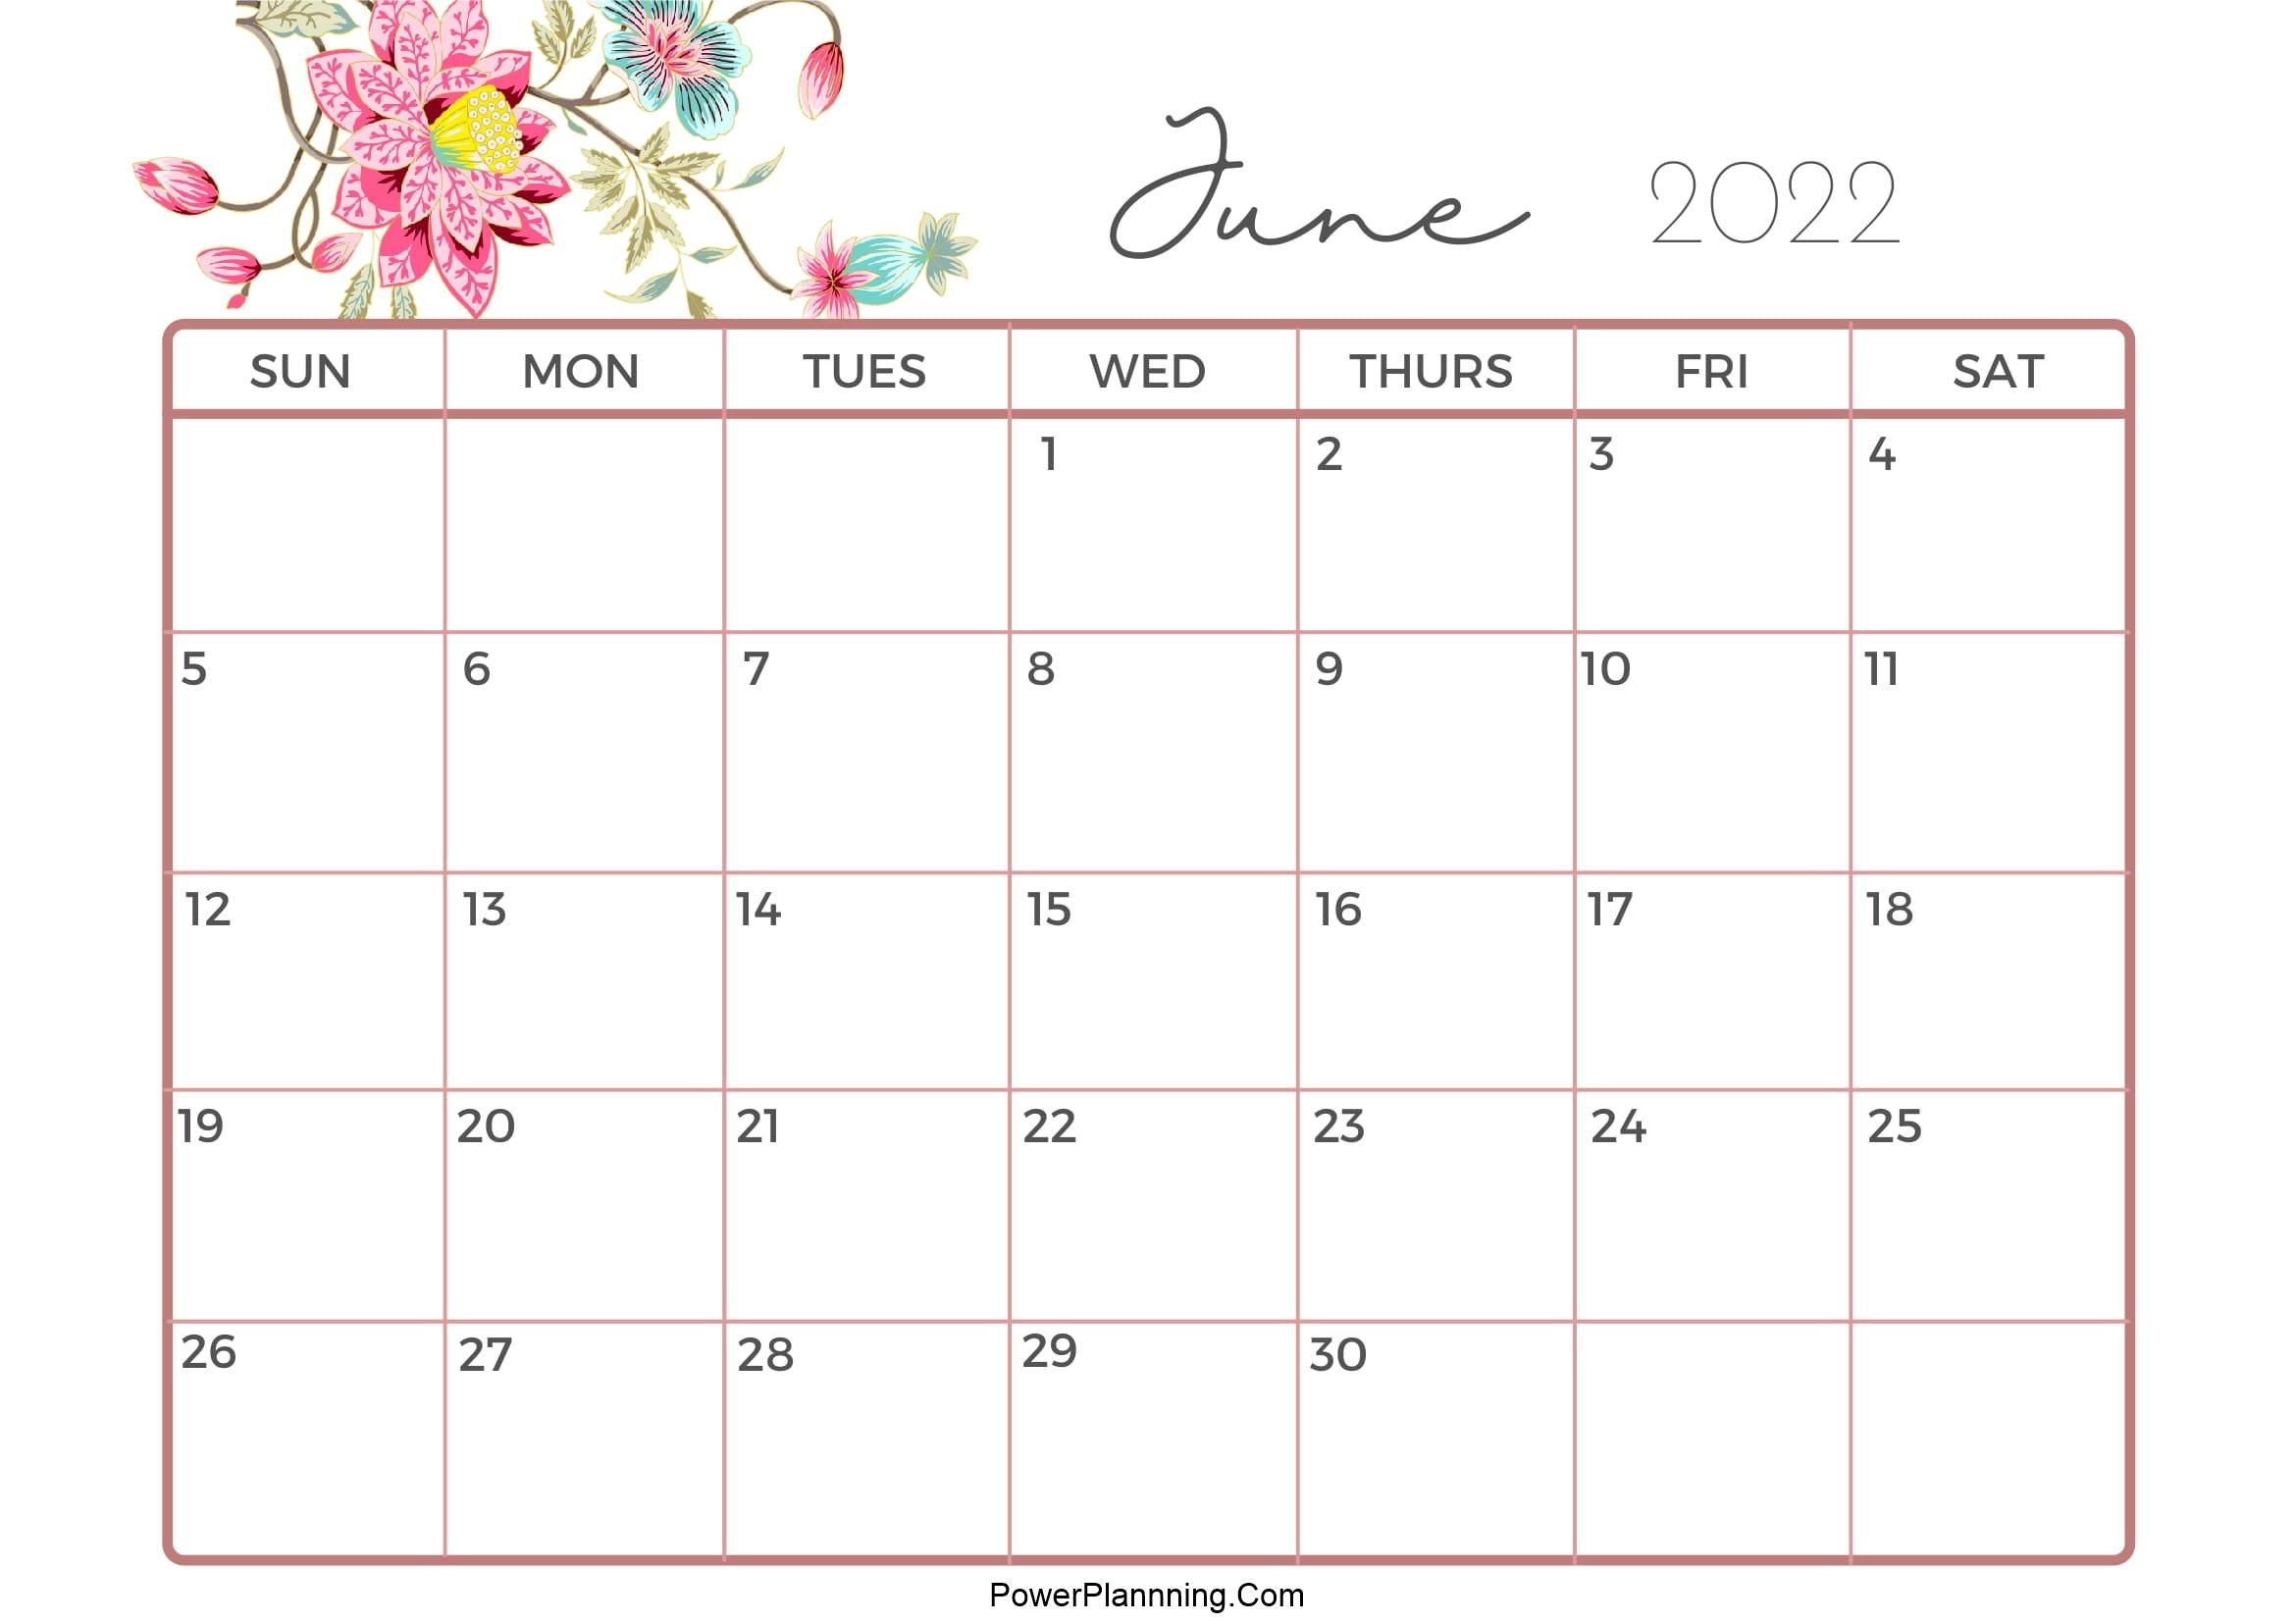 Cute Calendar June 2022